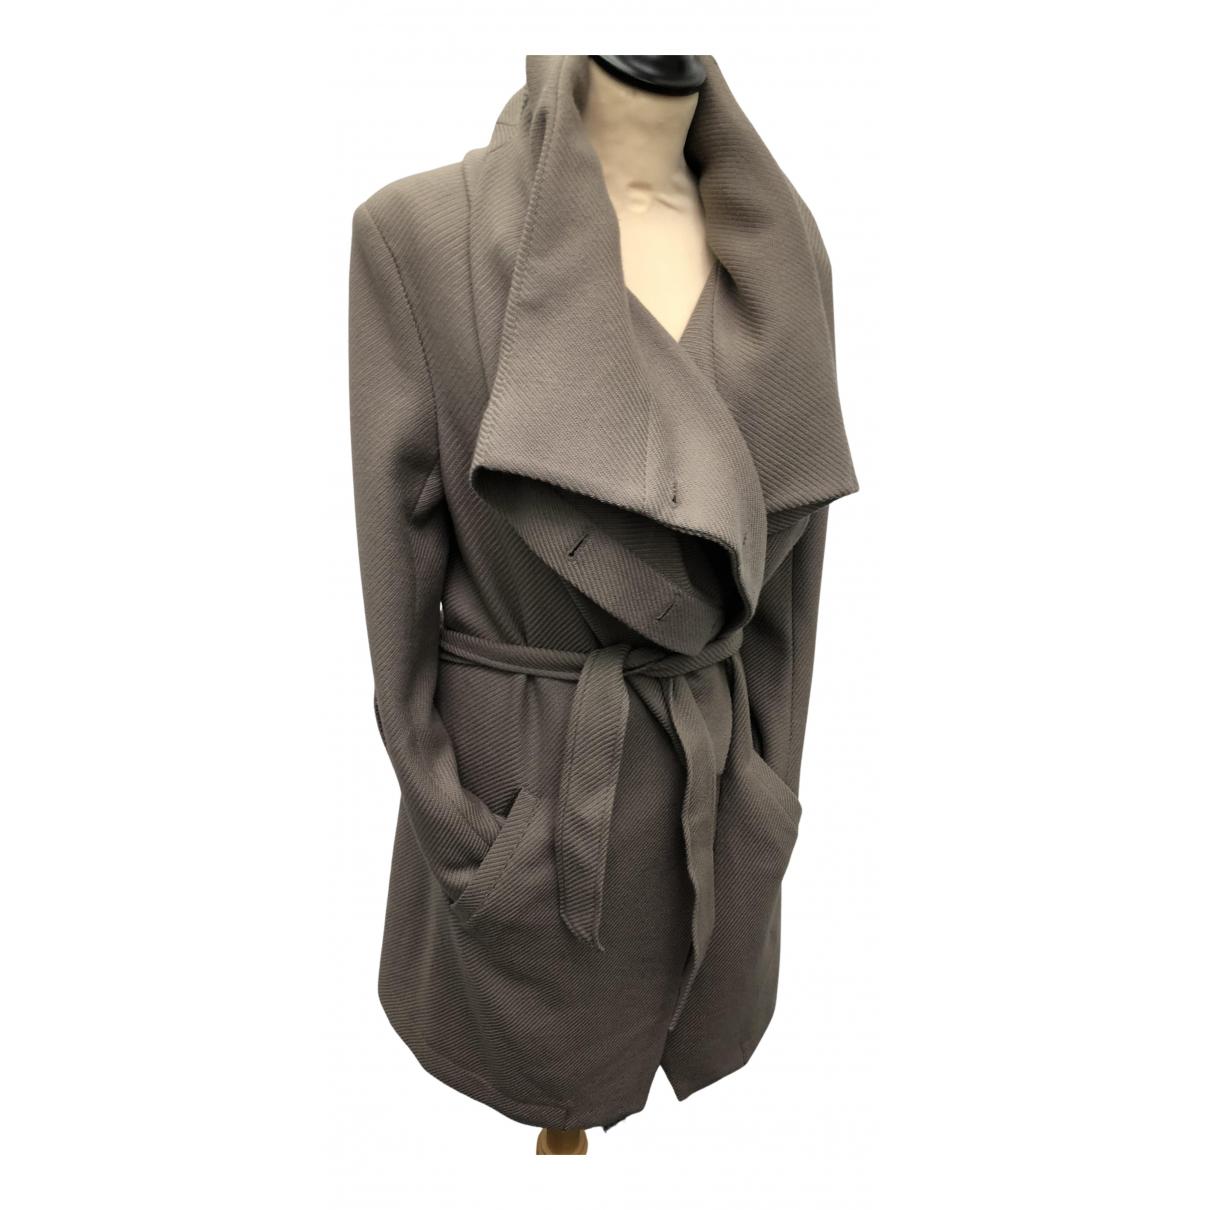 Ann Demeulemeester - Manteau   pour femme en laine - beige